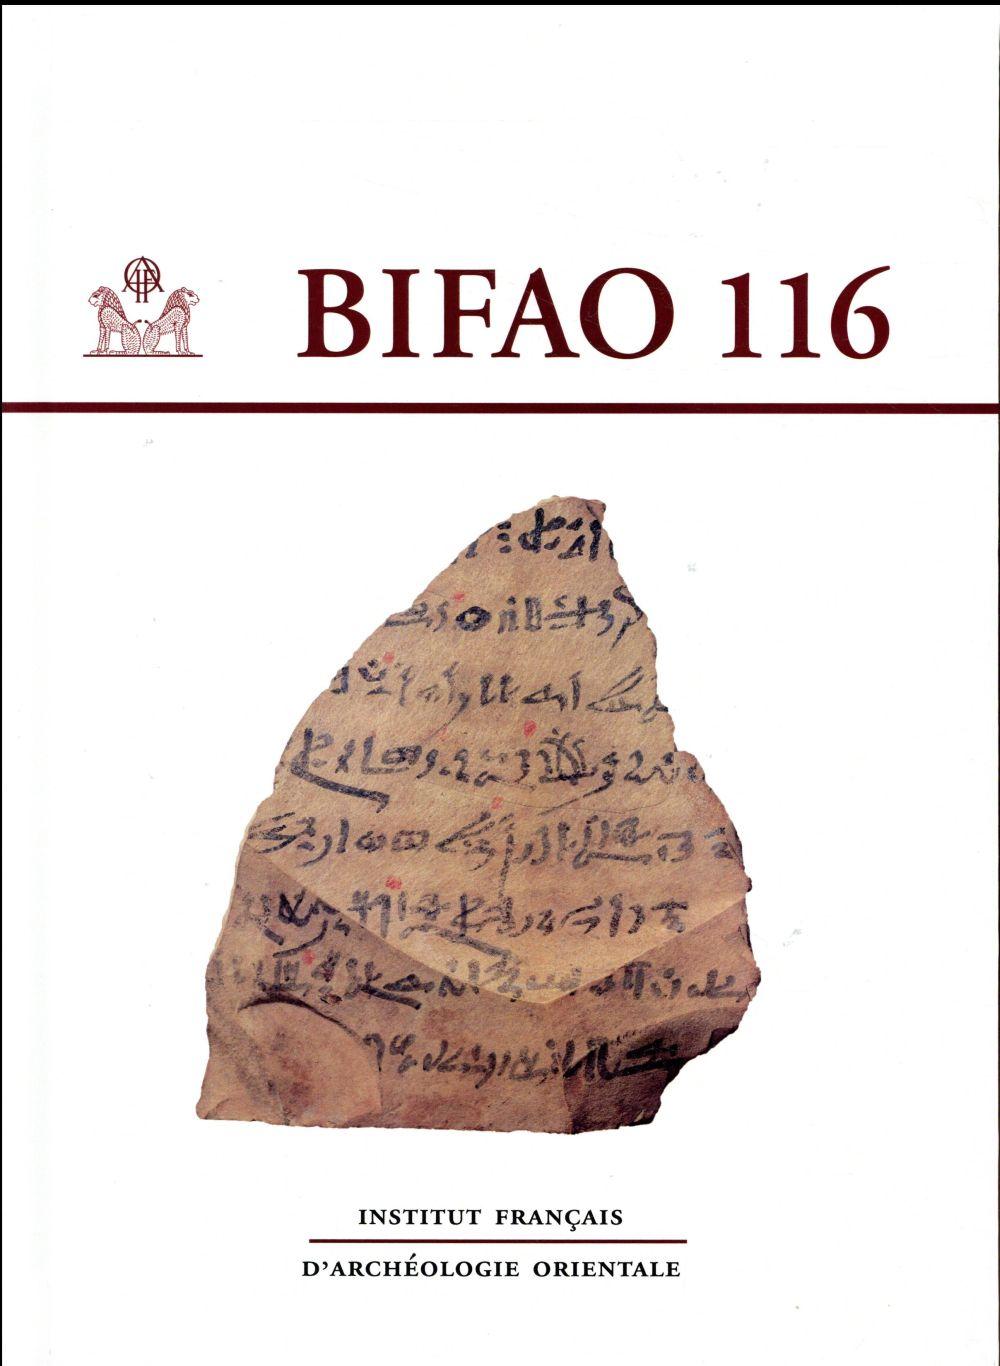 BULLETIN DE L'INSTITUT FRANCAIS D'ARCHEOLOGIE ORIENTALE 116